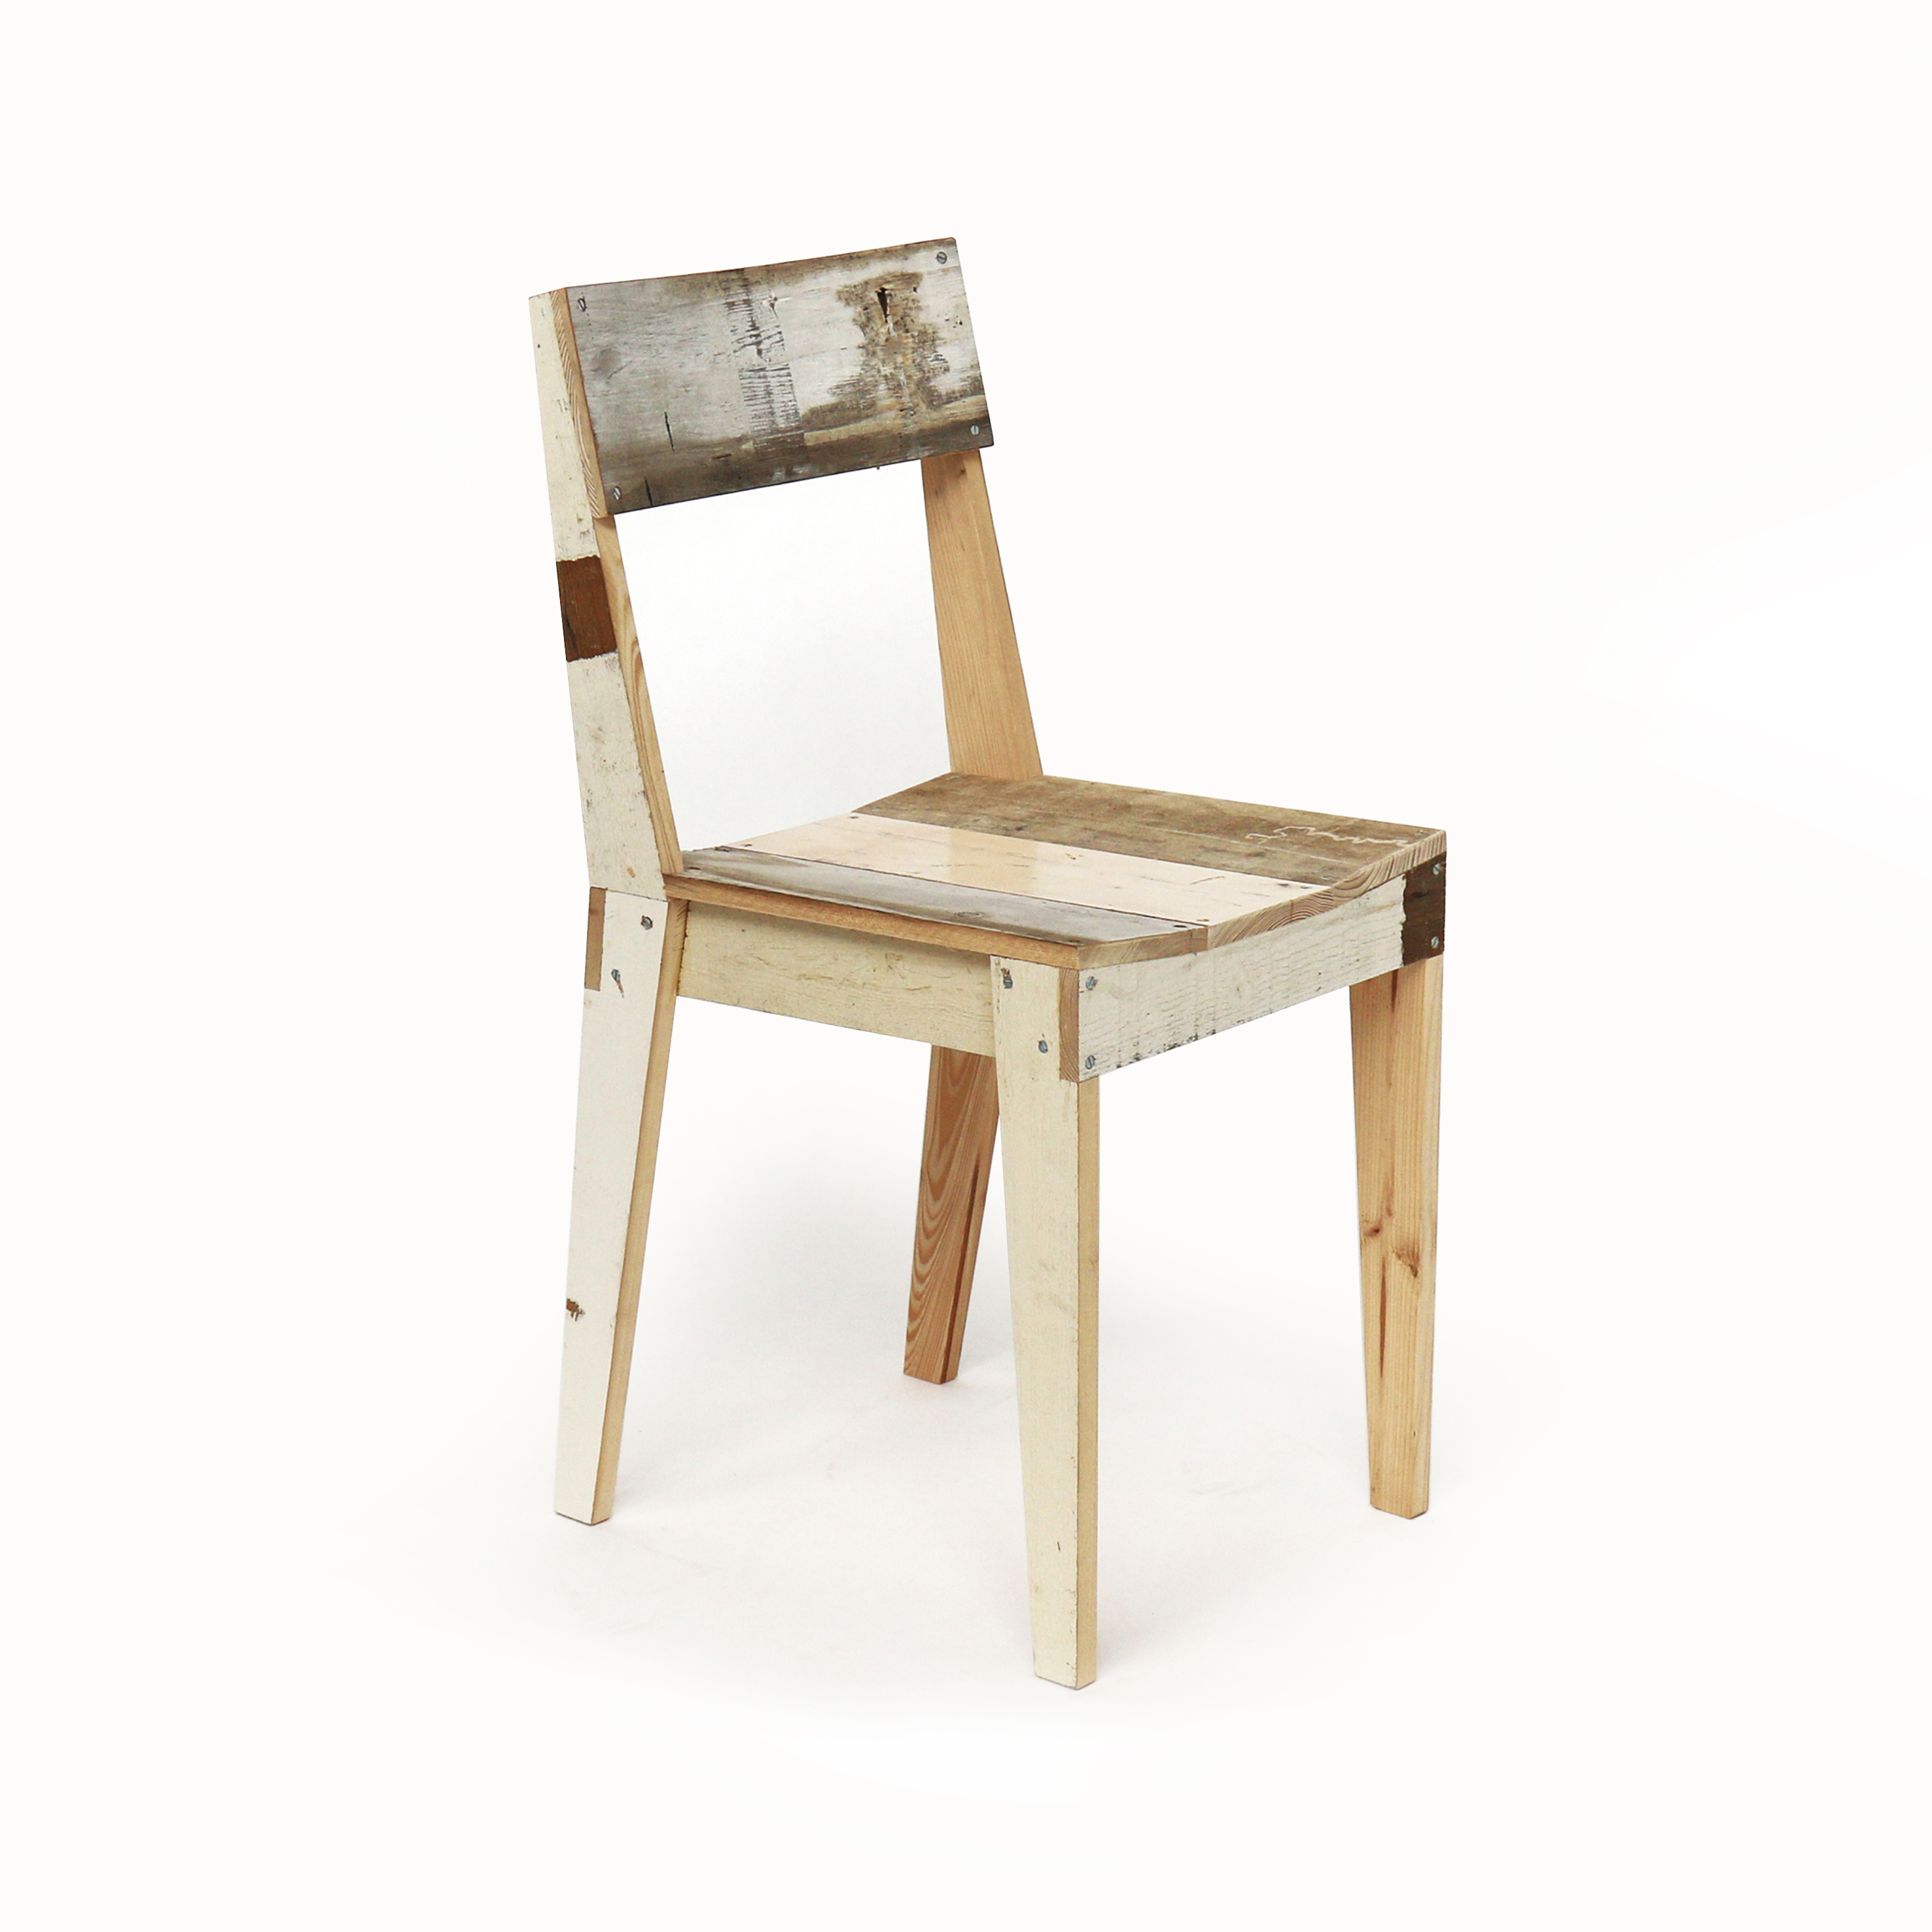 Fonkelnieuw Oak chair in scrapwood • PIET HEIN EEK YD-35